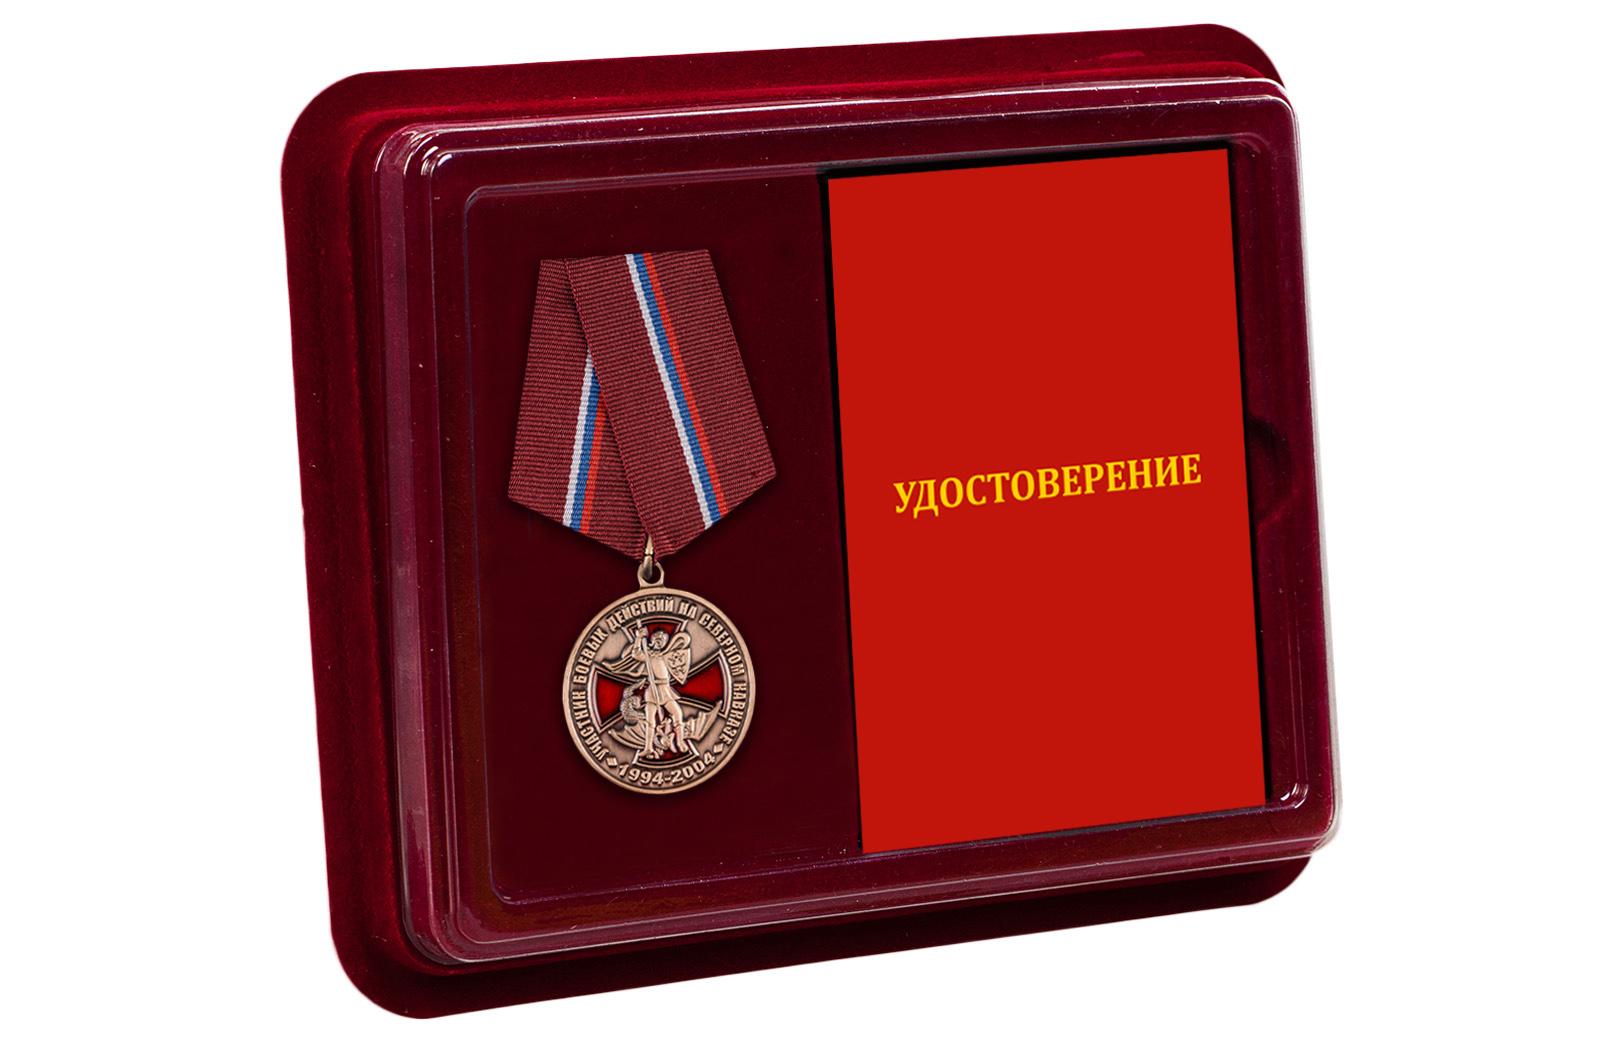 Купить медаль Участник боевых действий на Северном Кавказе в подарок